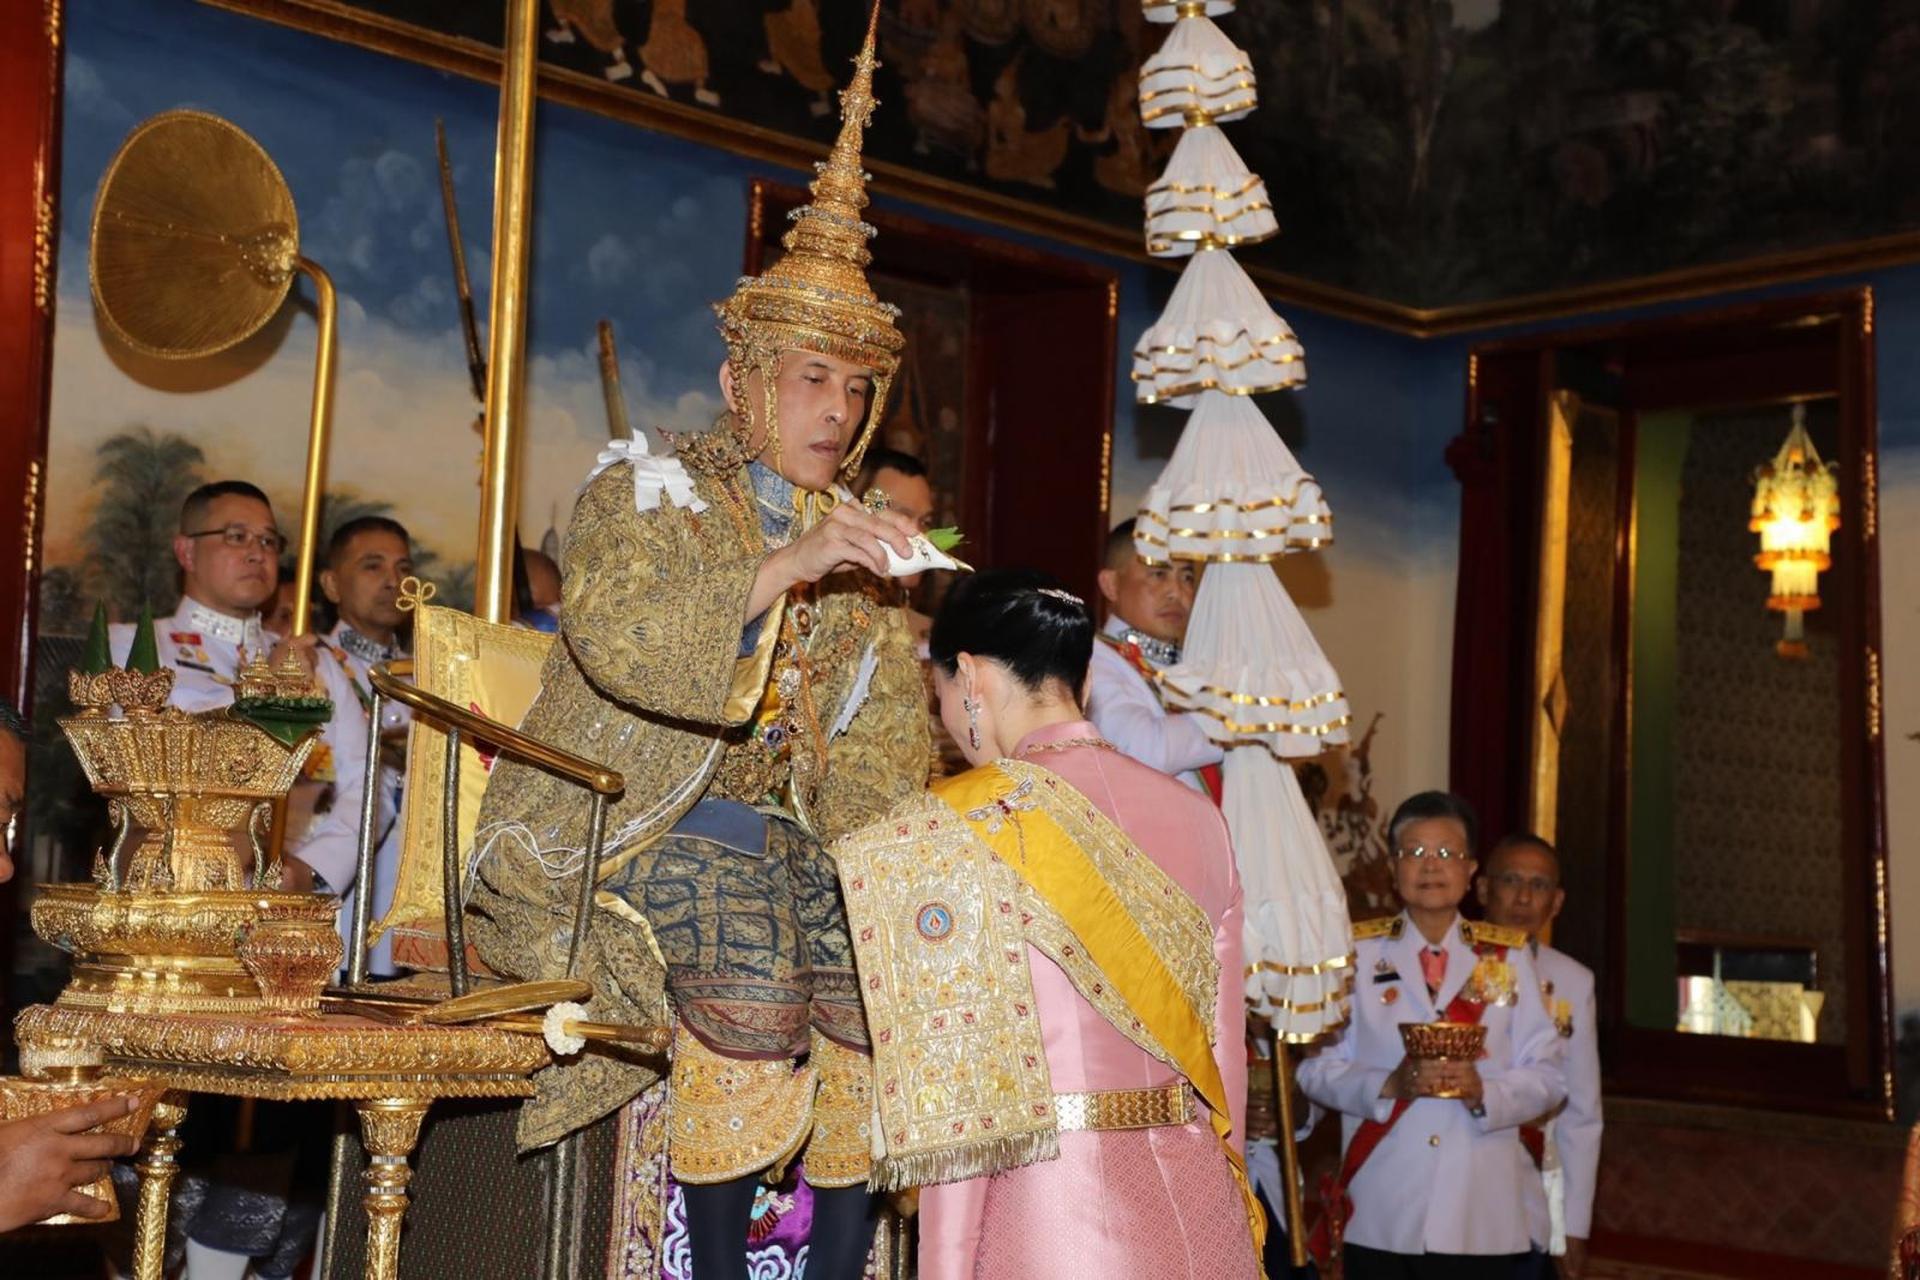 พระบาทสมเด็จพระเจ้าอยู่หัวทรงประกอบพิธีบรมราชาภิเษกและสถาปนาสมเด็จพระนางเจ้าฯพระบรมราชินี (ภาพจากสำนักพระราชวัง)